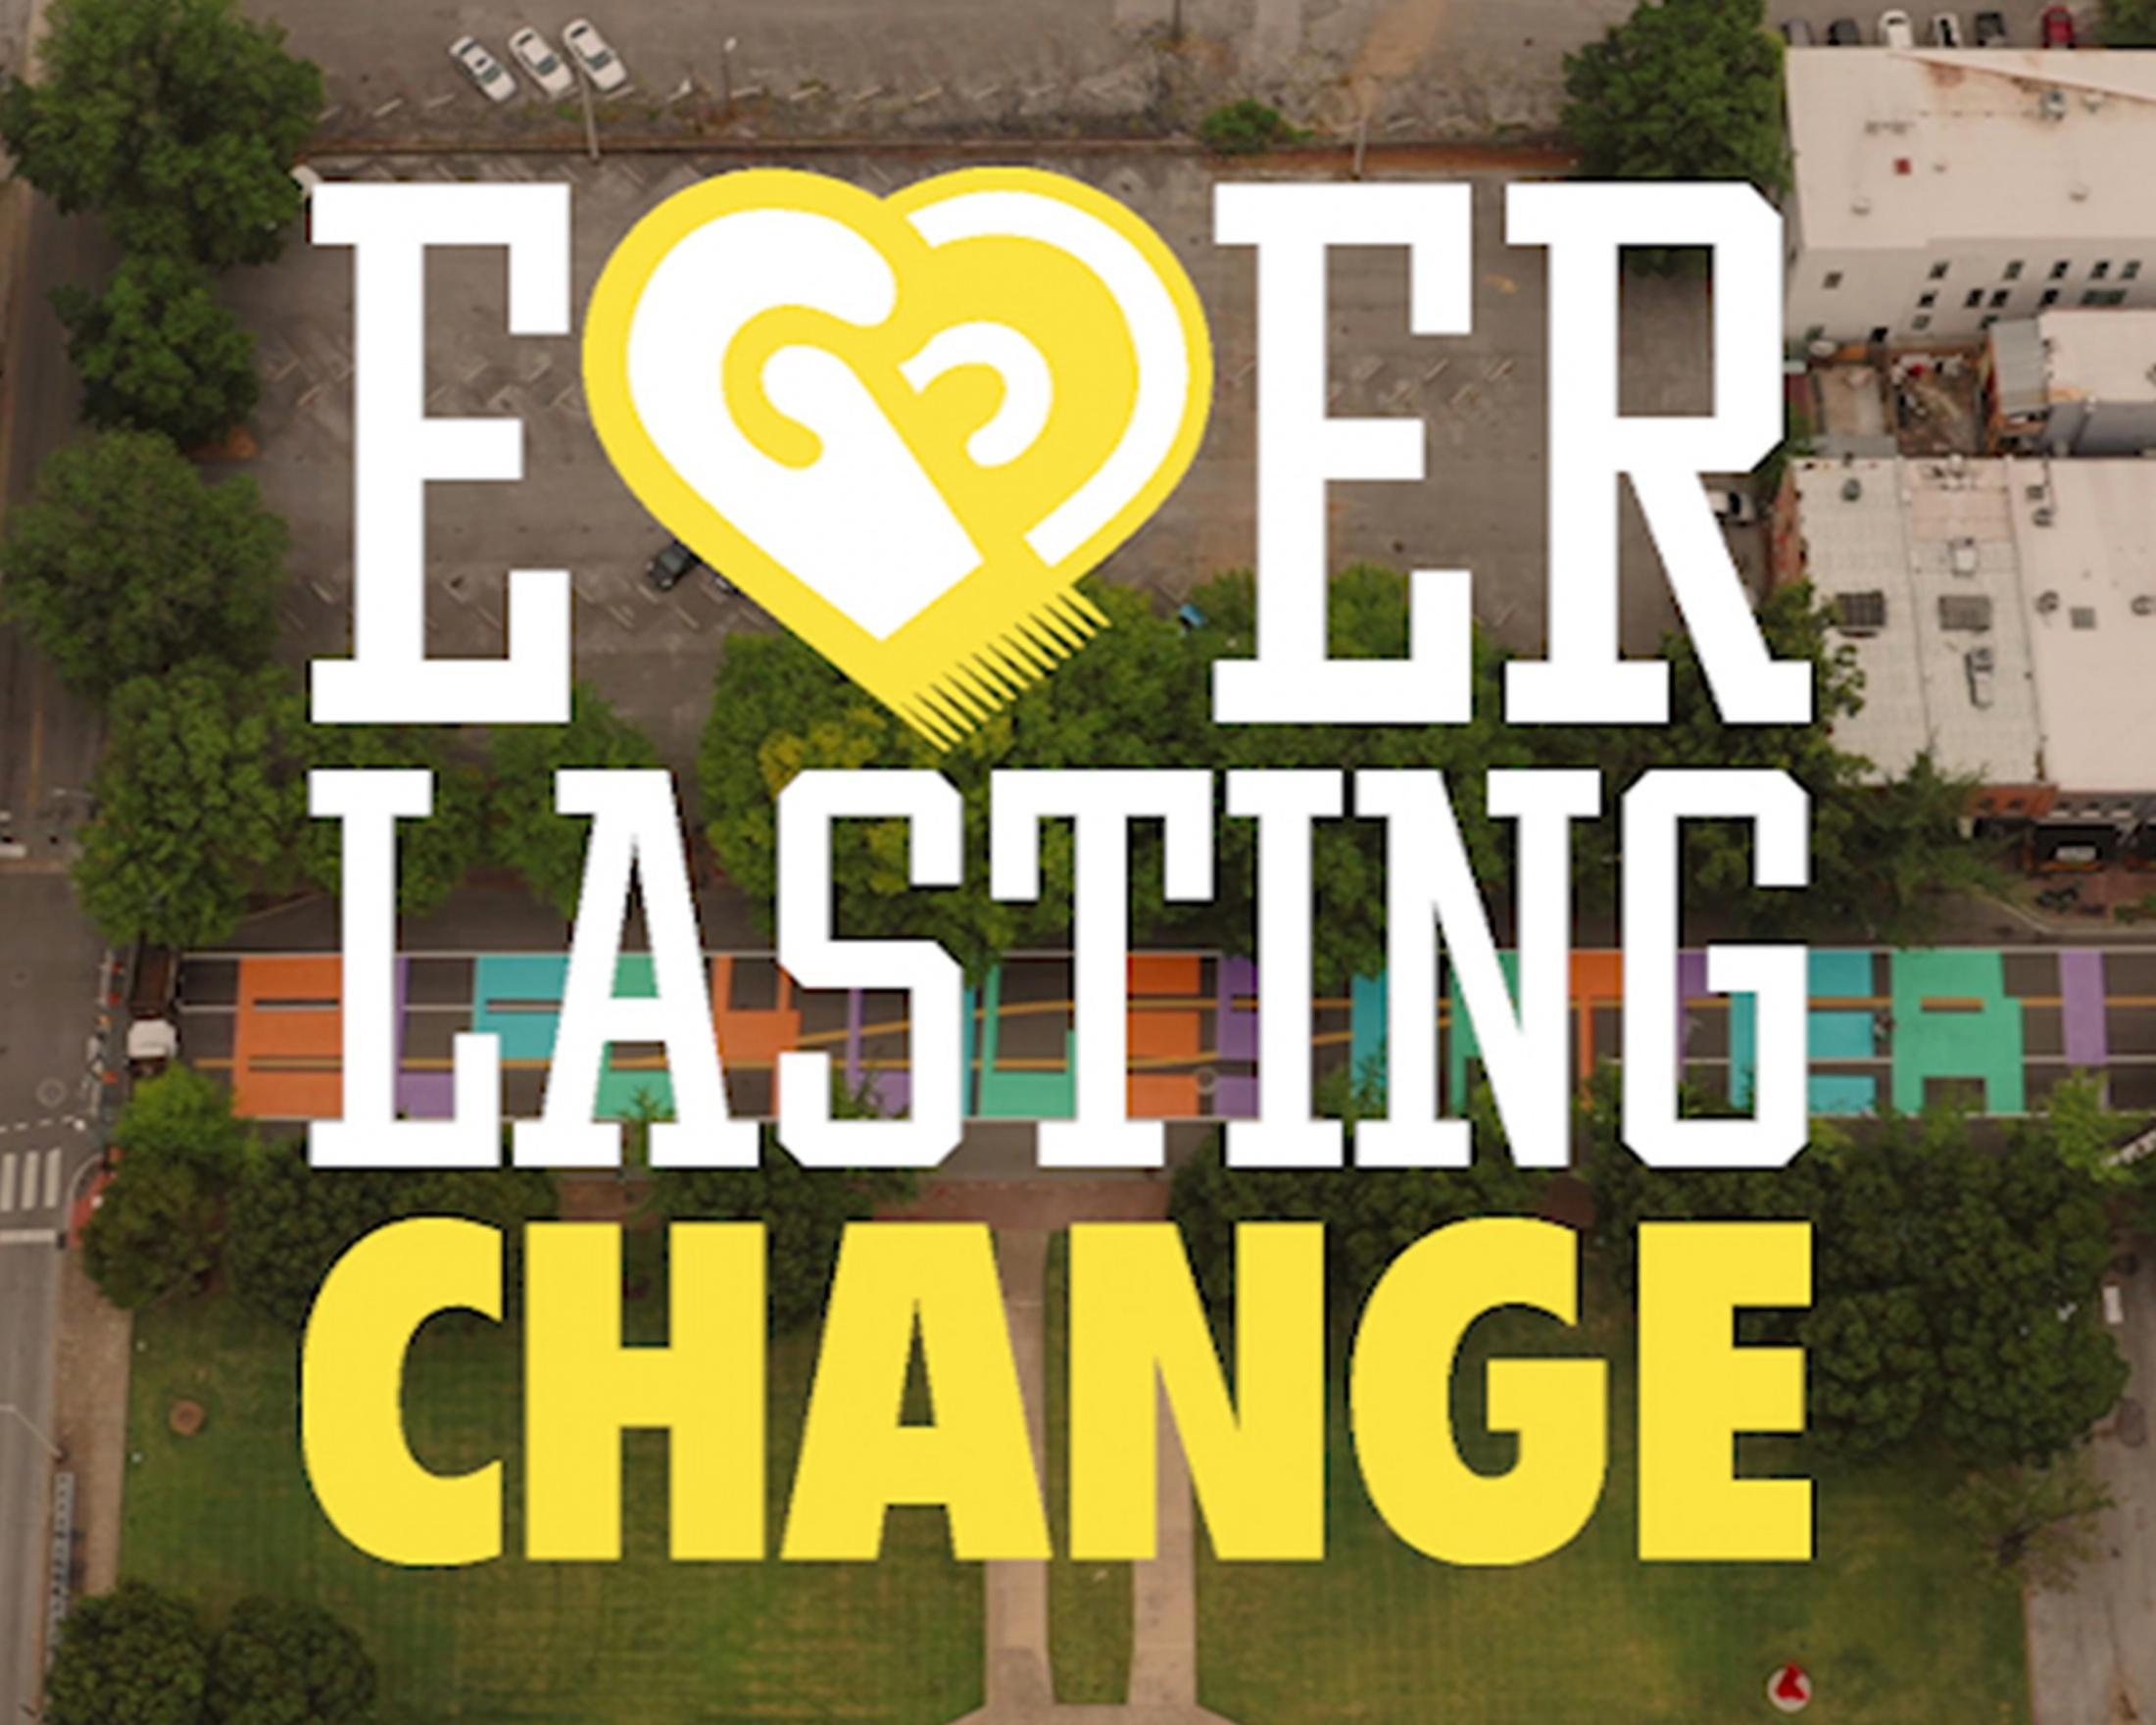 Thumbnail for Everlasting Change